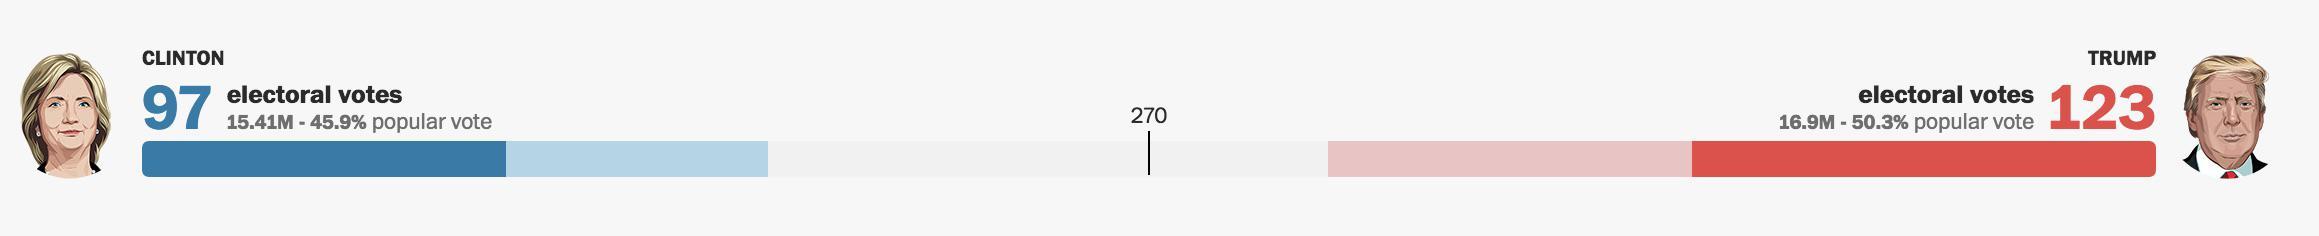 Clinton está pinchando en demasiados Estados clave. La cosa está por ahora así. Hay que llegar a 270 votos para ganar.